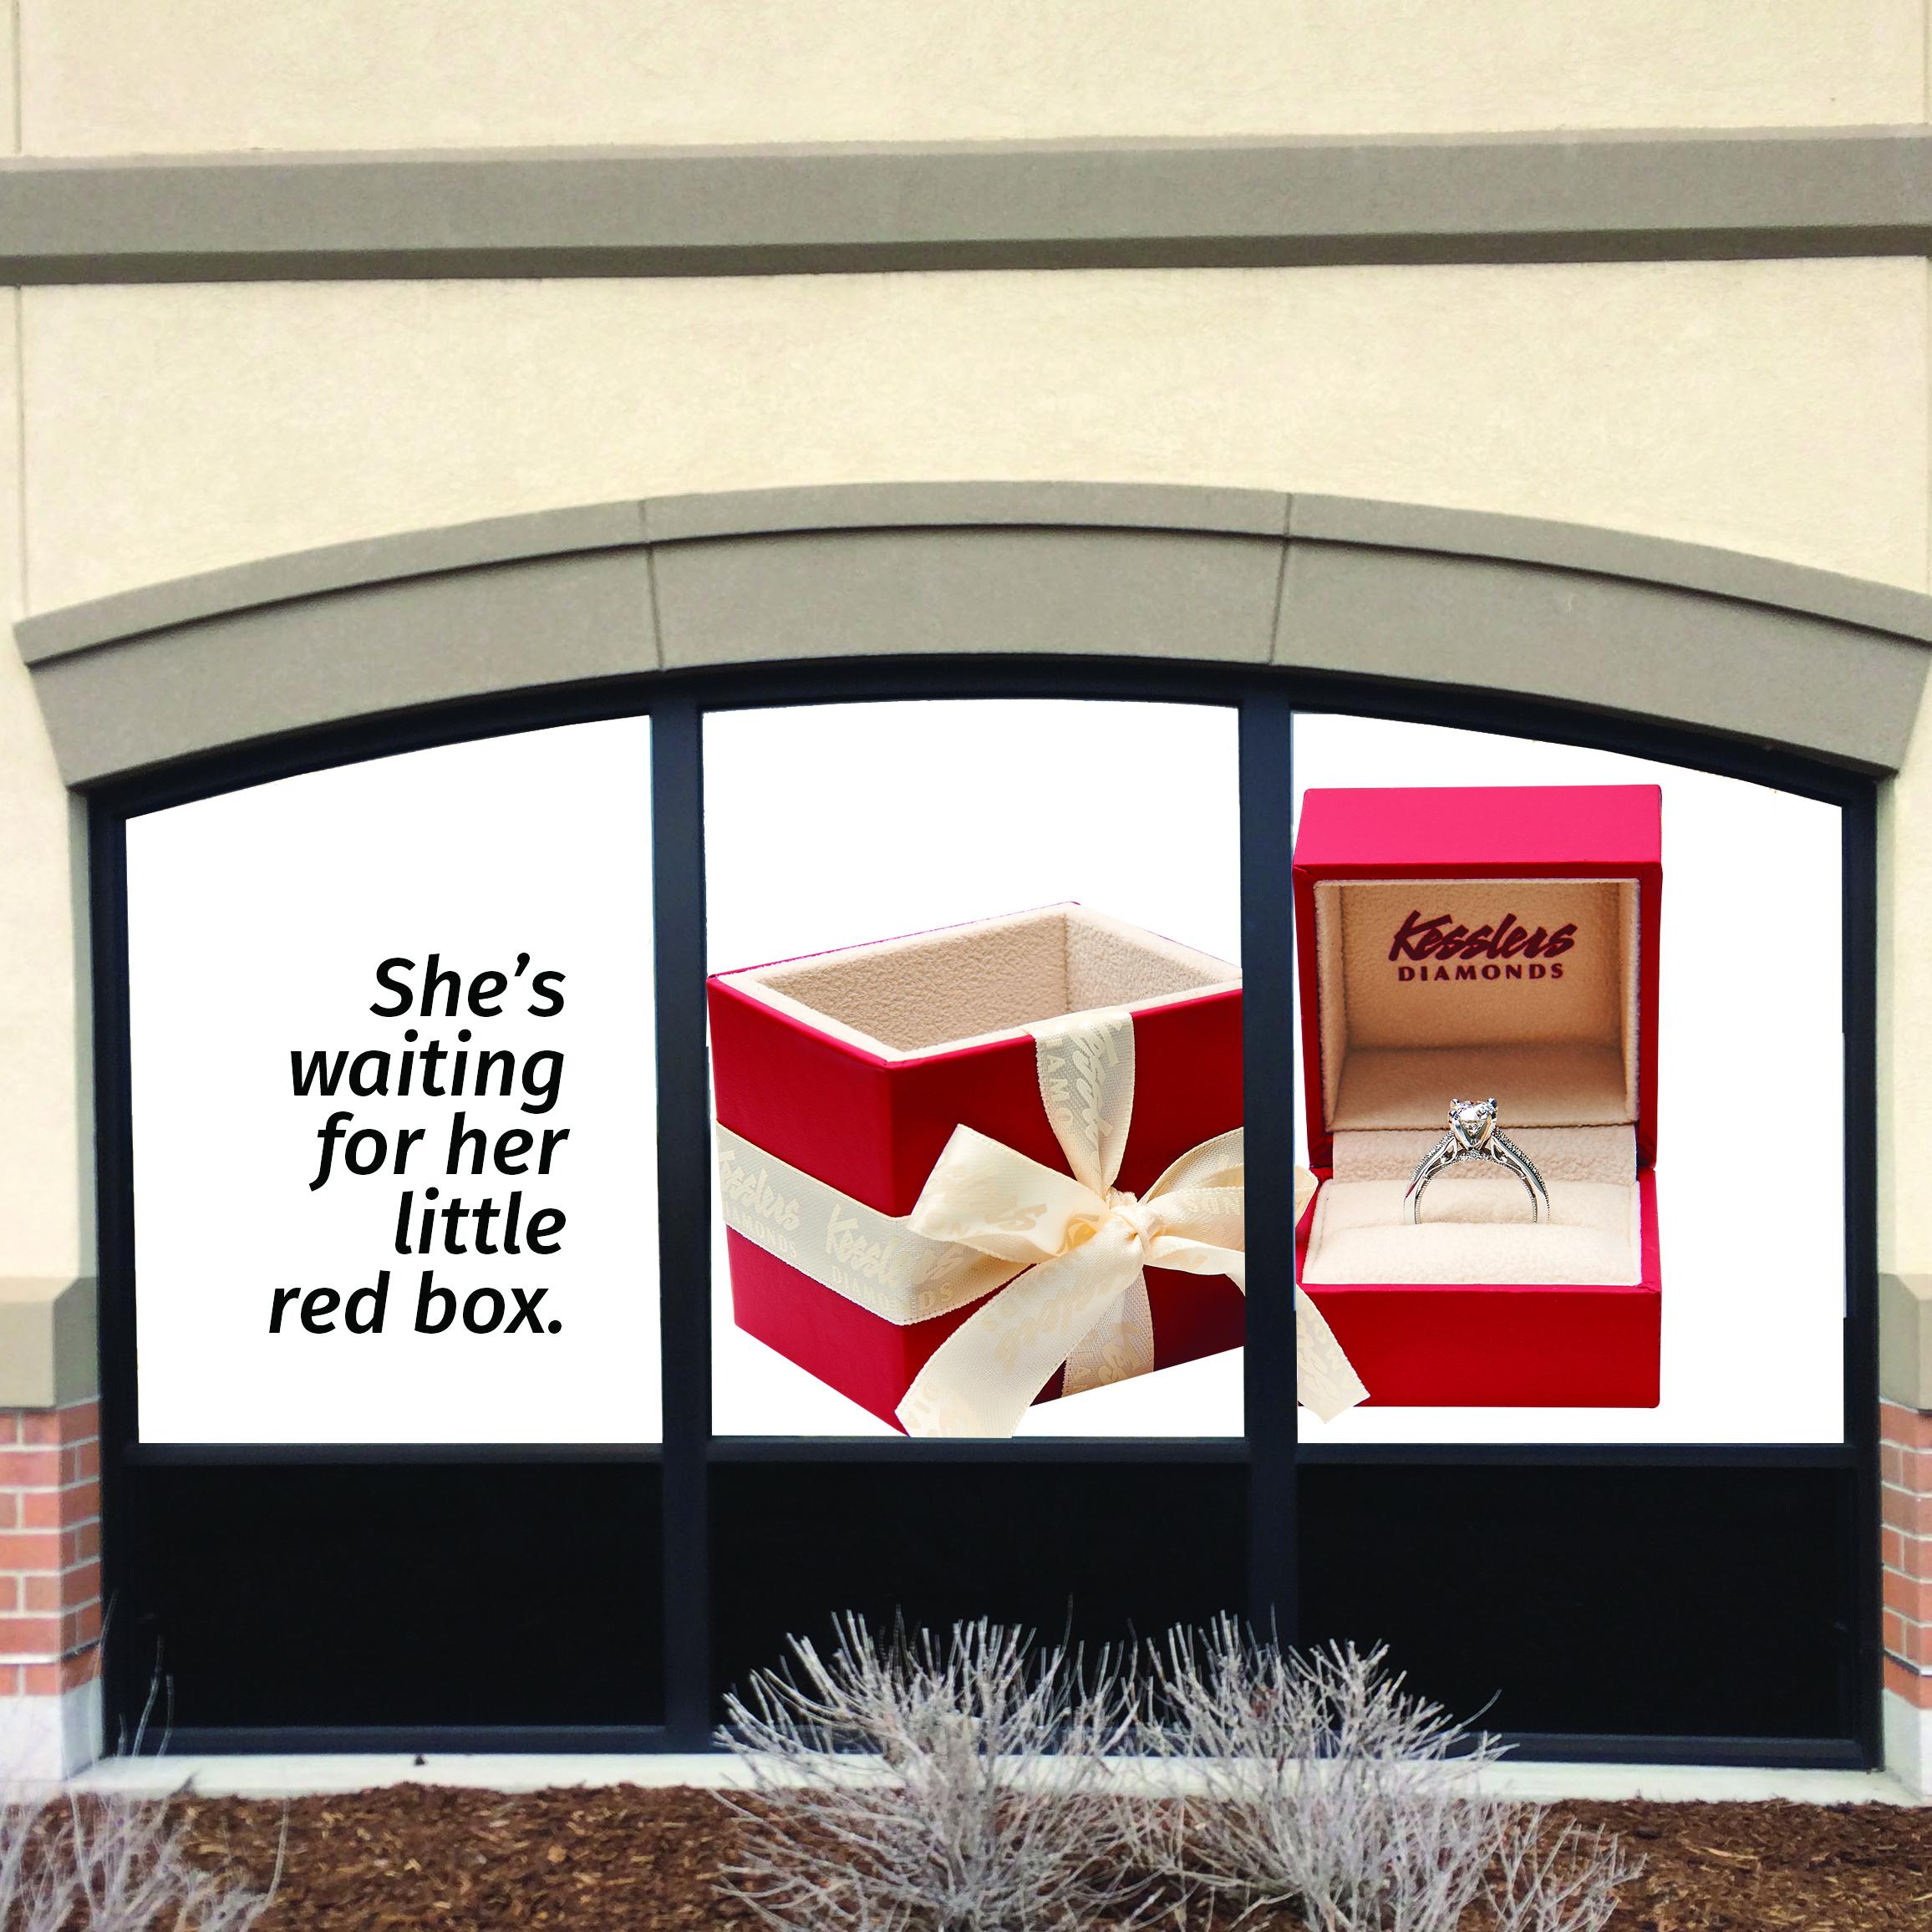 Kesslers Window Signage